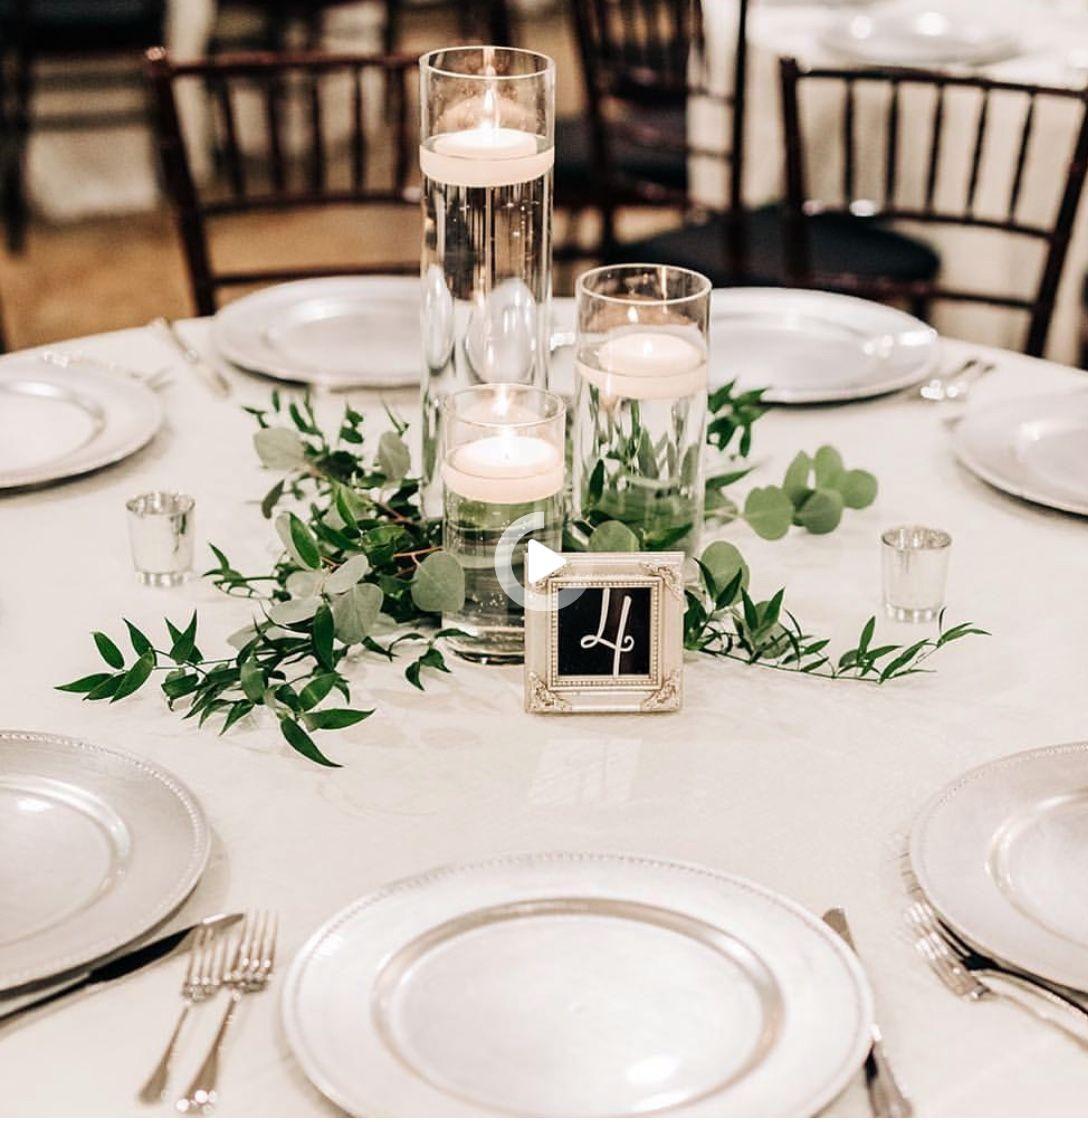 Null In 2021 Tischdekoration Hochzeit Hochzeit Tisch Ideen Tischdekoration Hochzeit Blumen